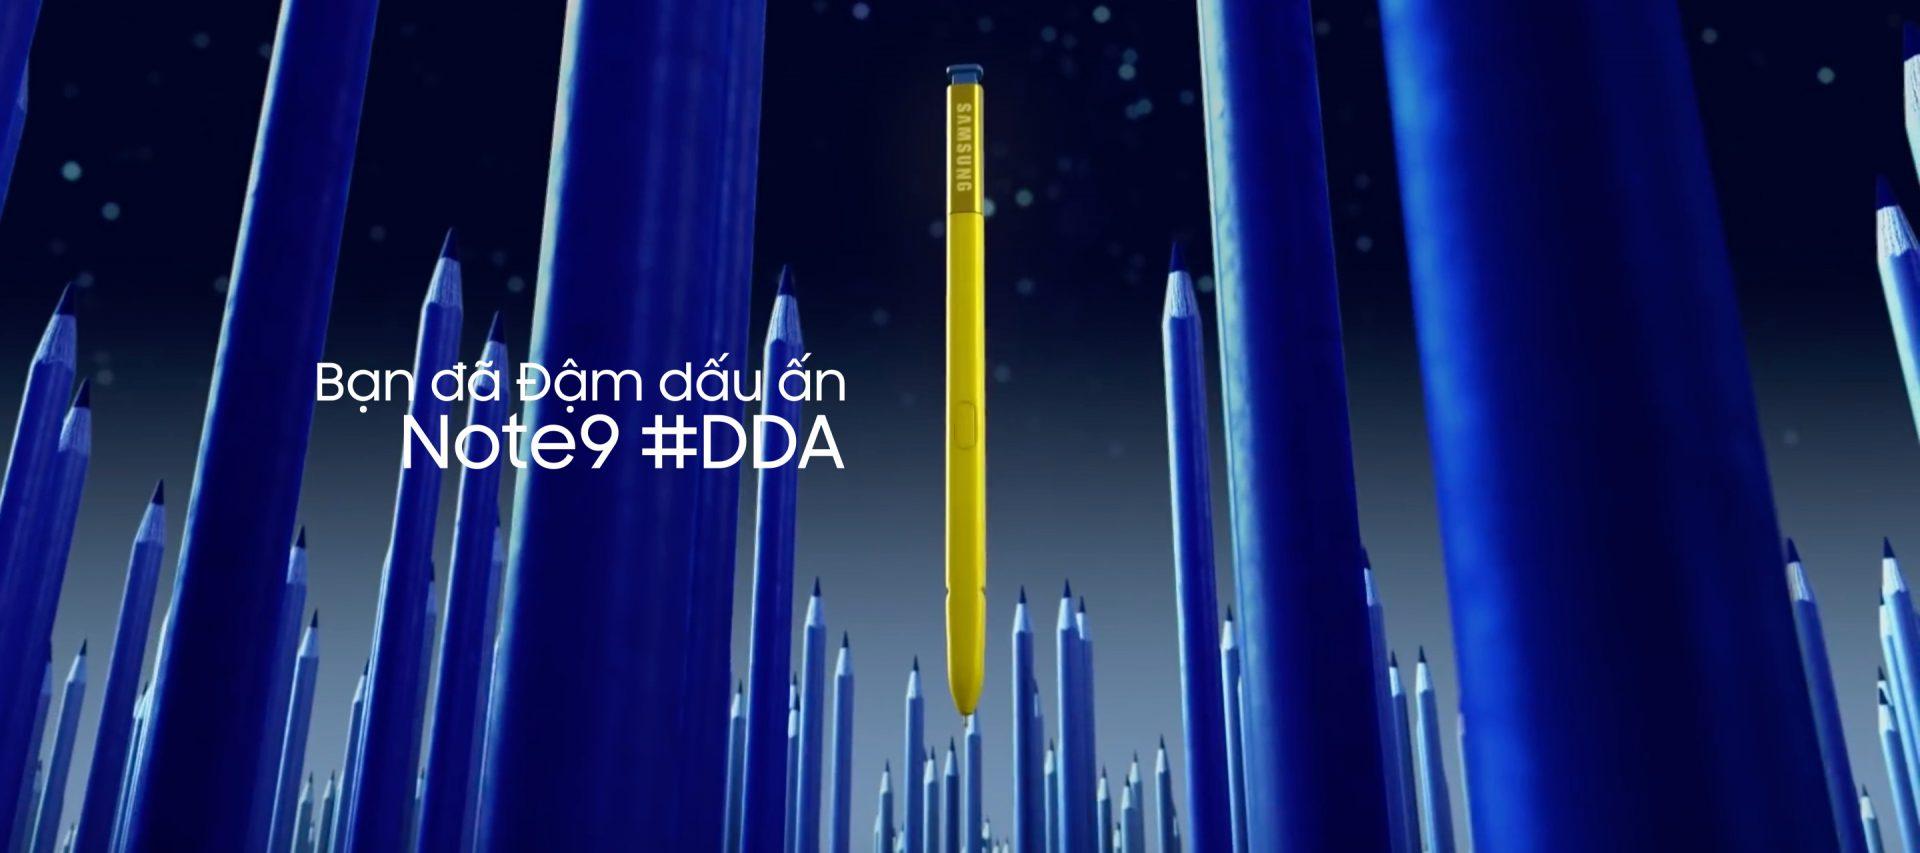 Bạn đã bắt kịp trend #DDA với Note9 chưa?